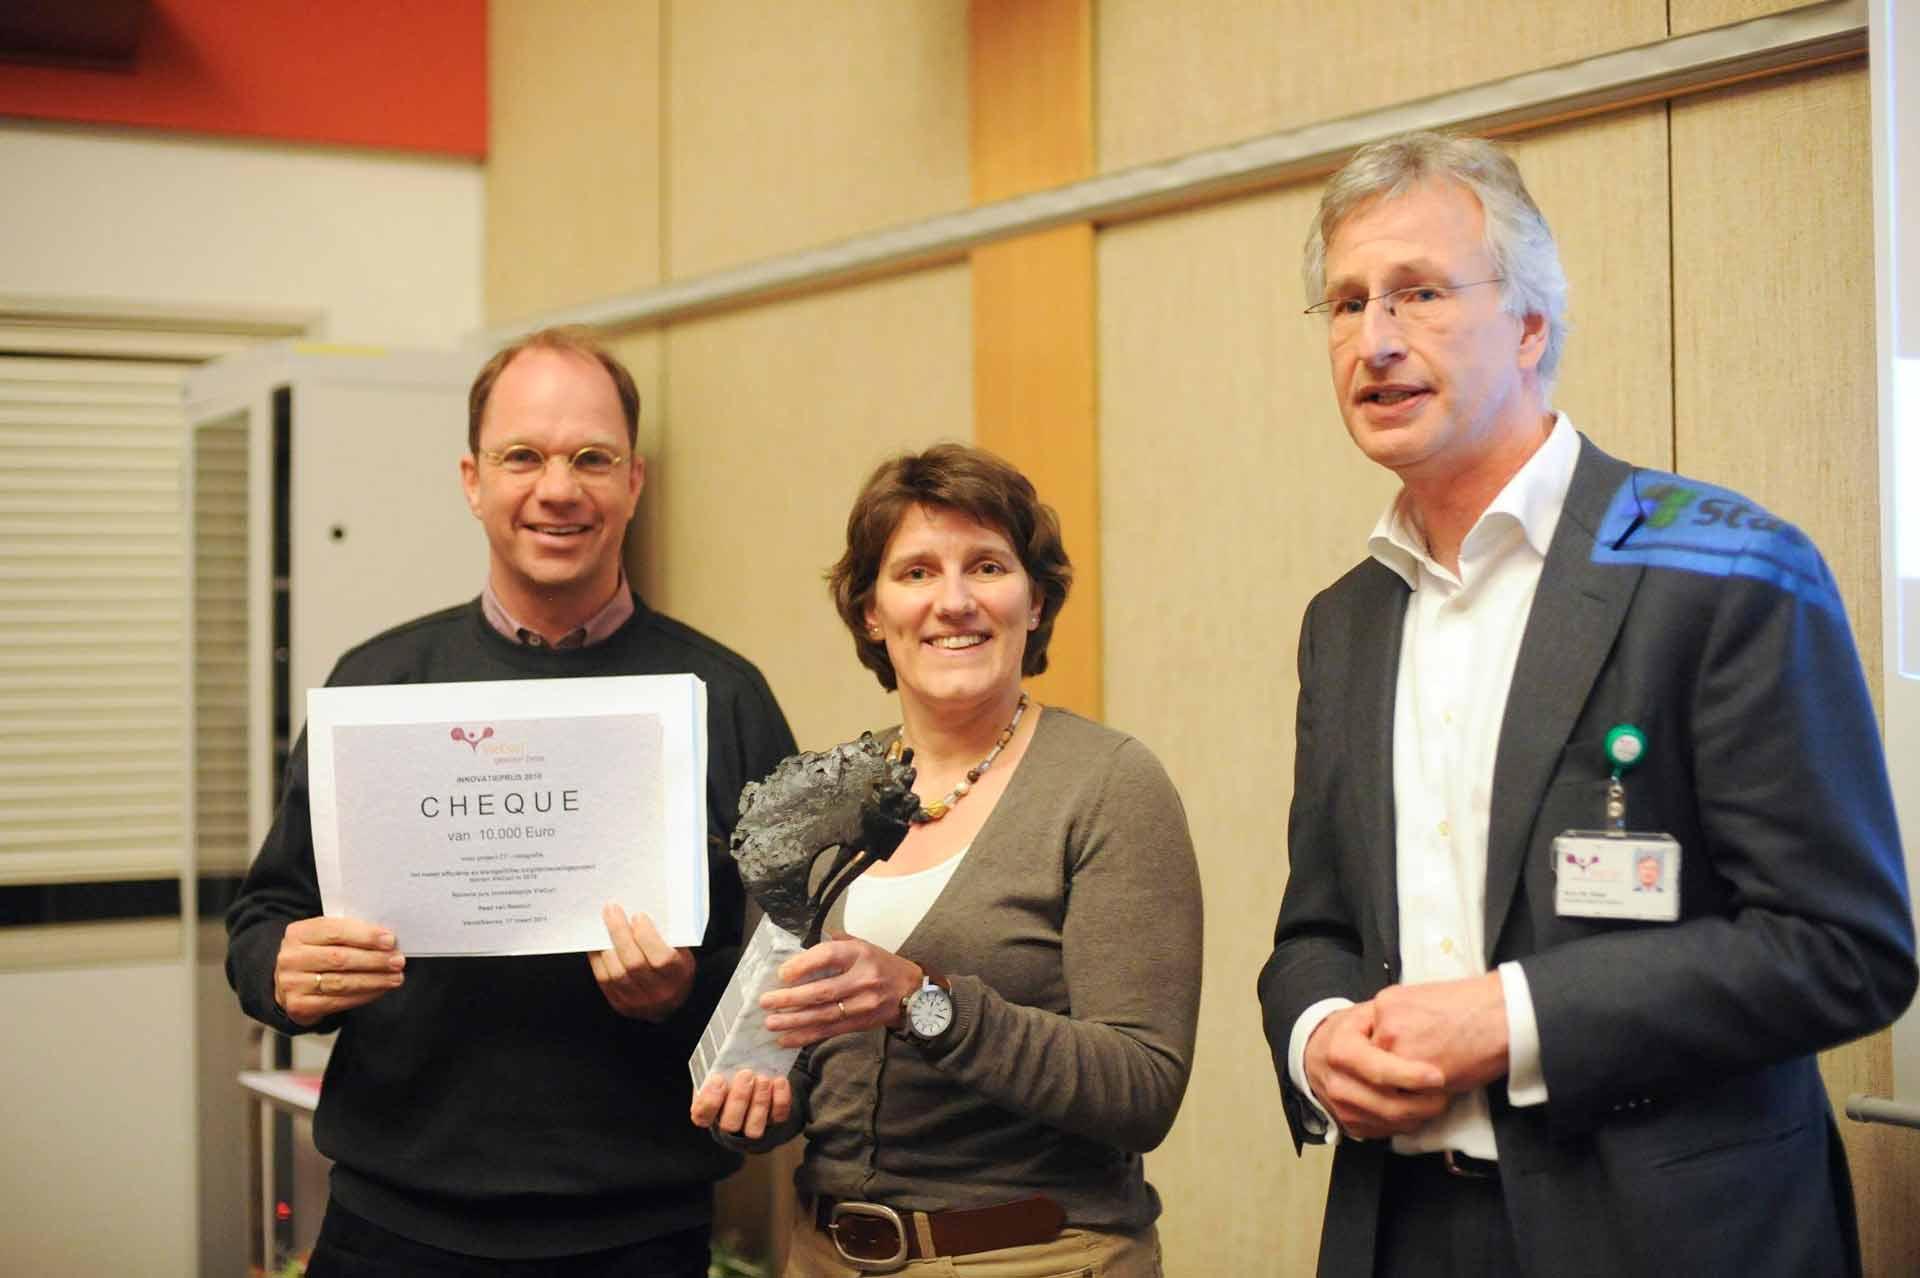 VieCuri Innovation Award